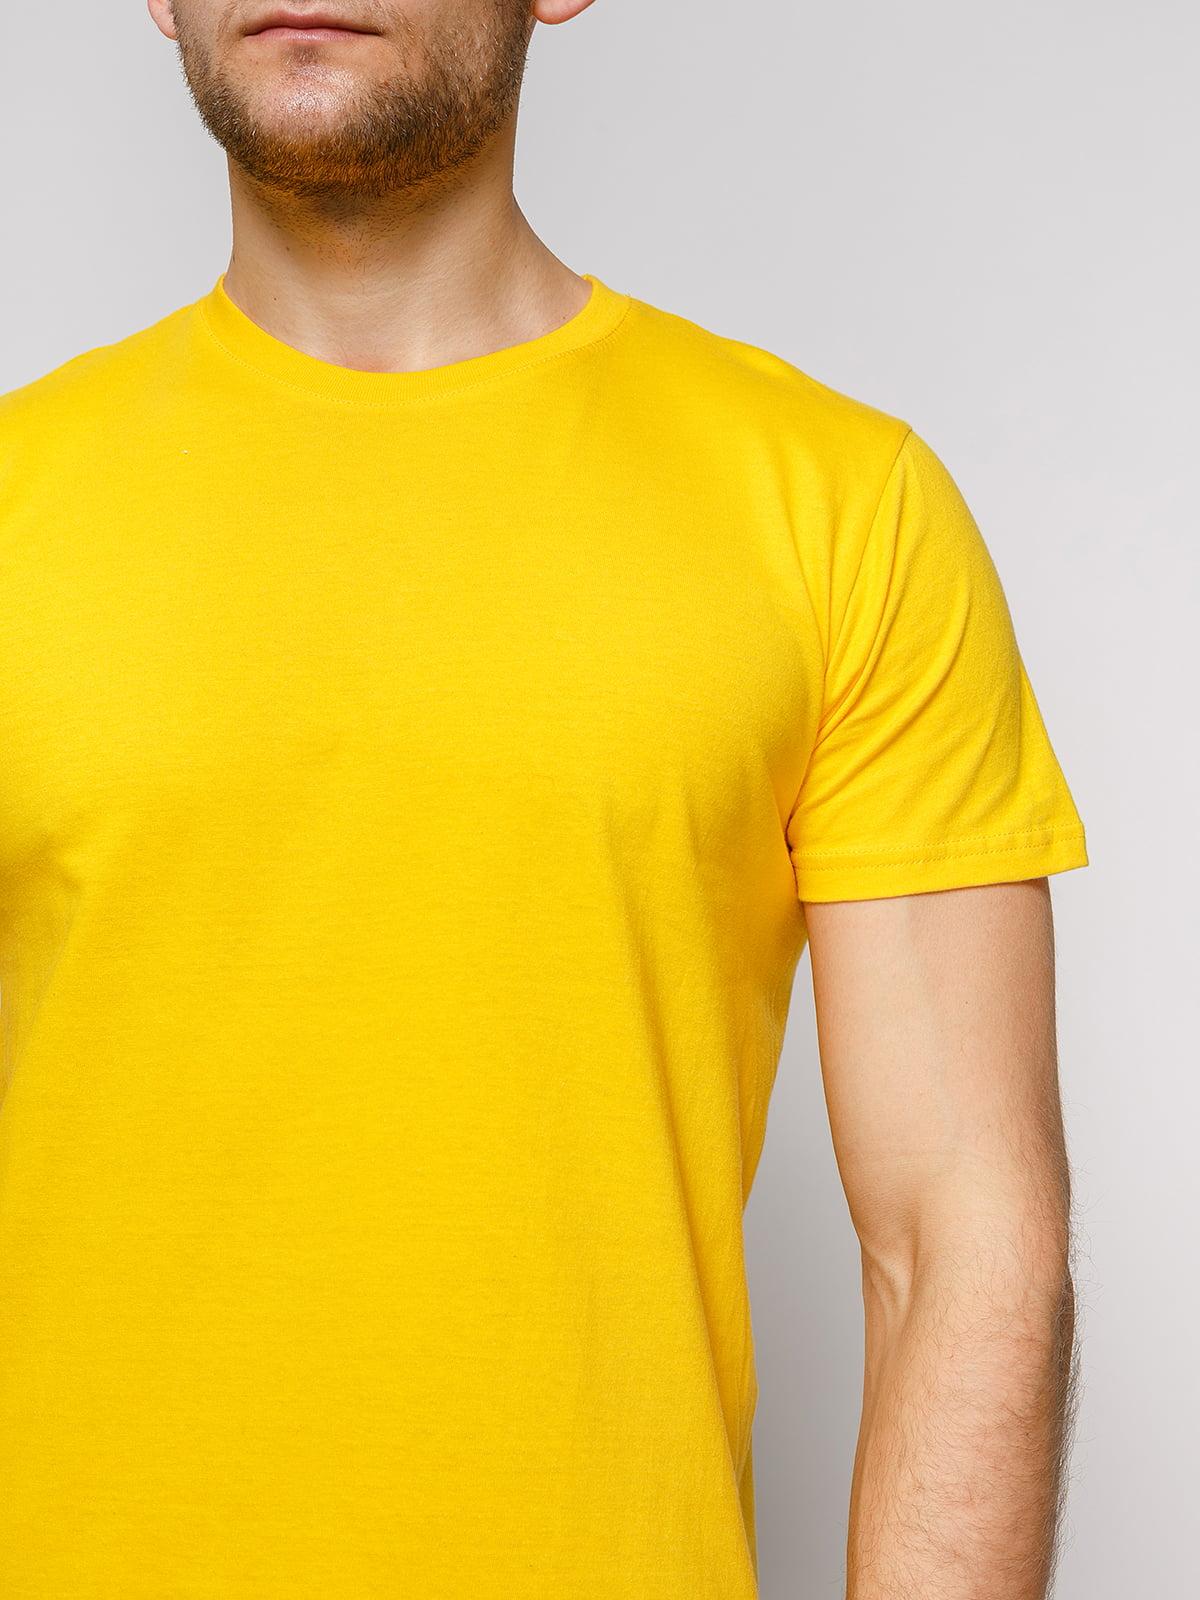 Футболка желтая | 4812179 | фото 3